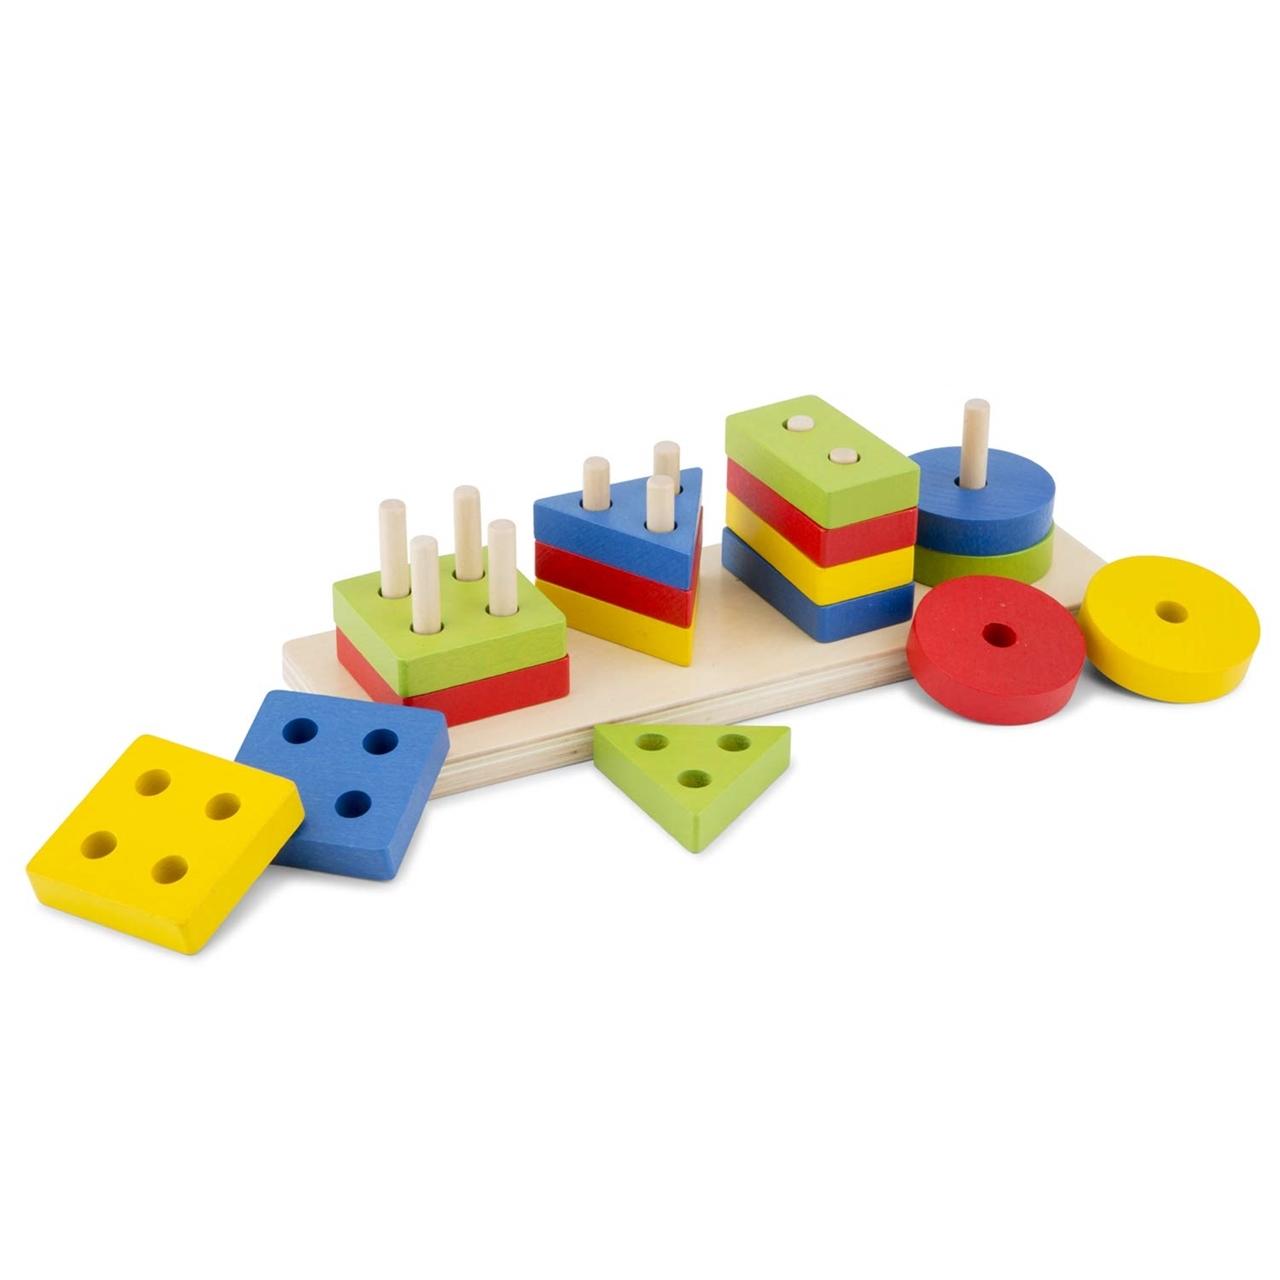 Sortator forme geometrice si culori - New Classic Toys